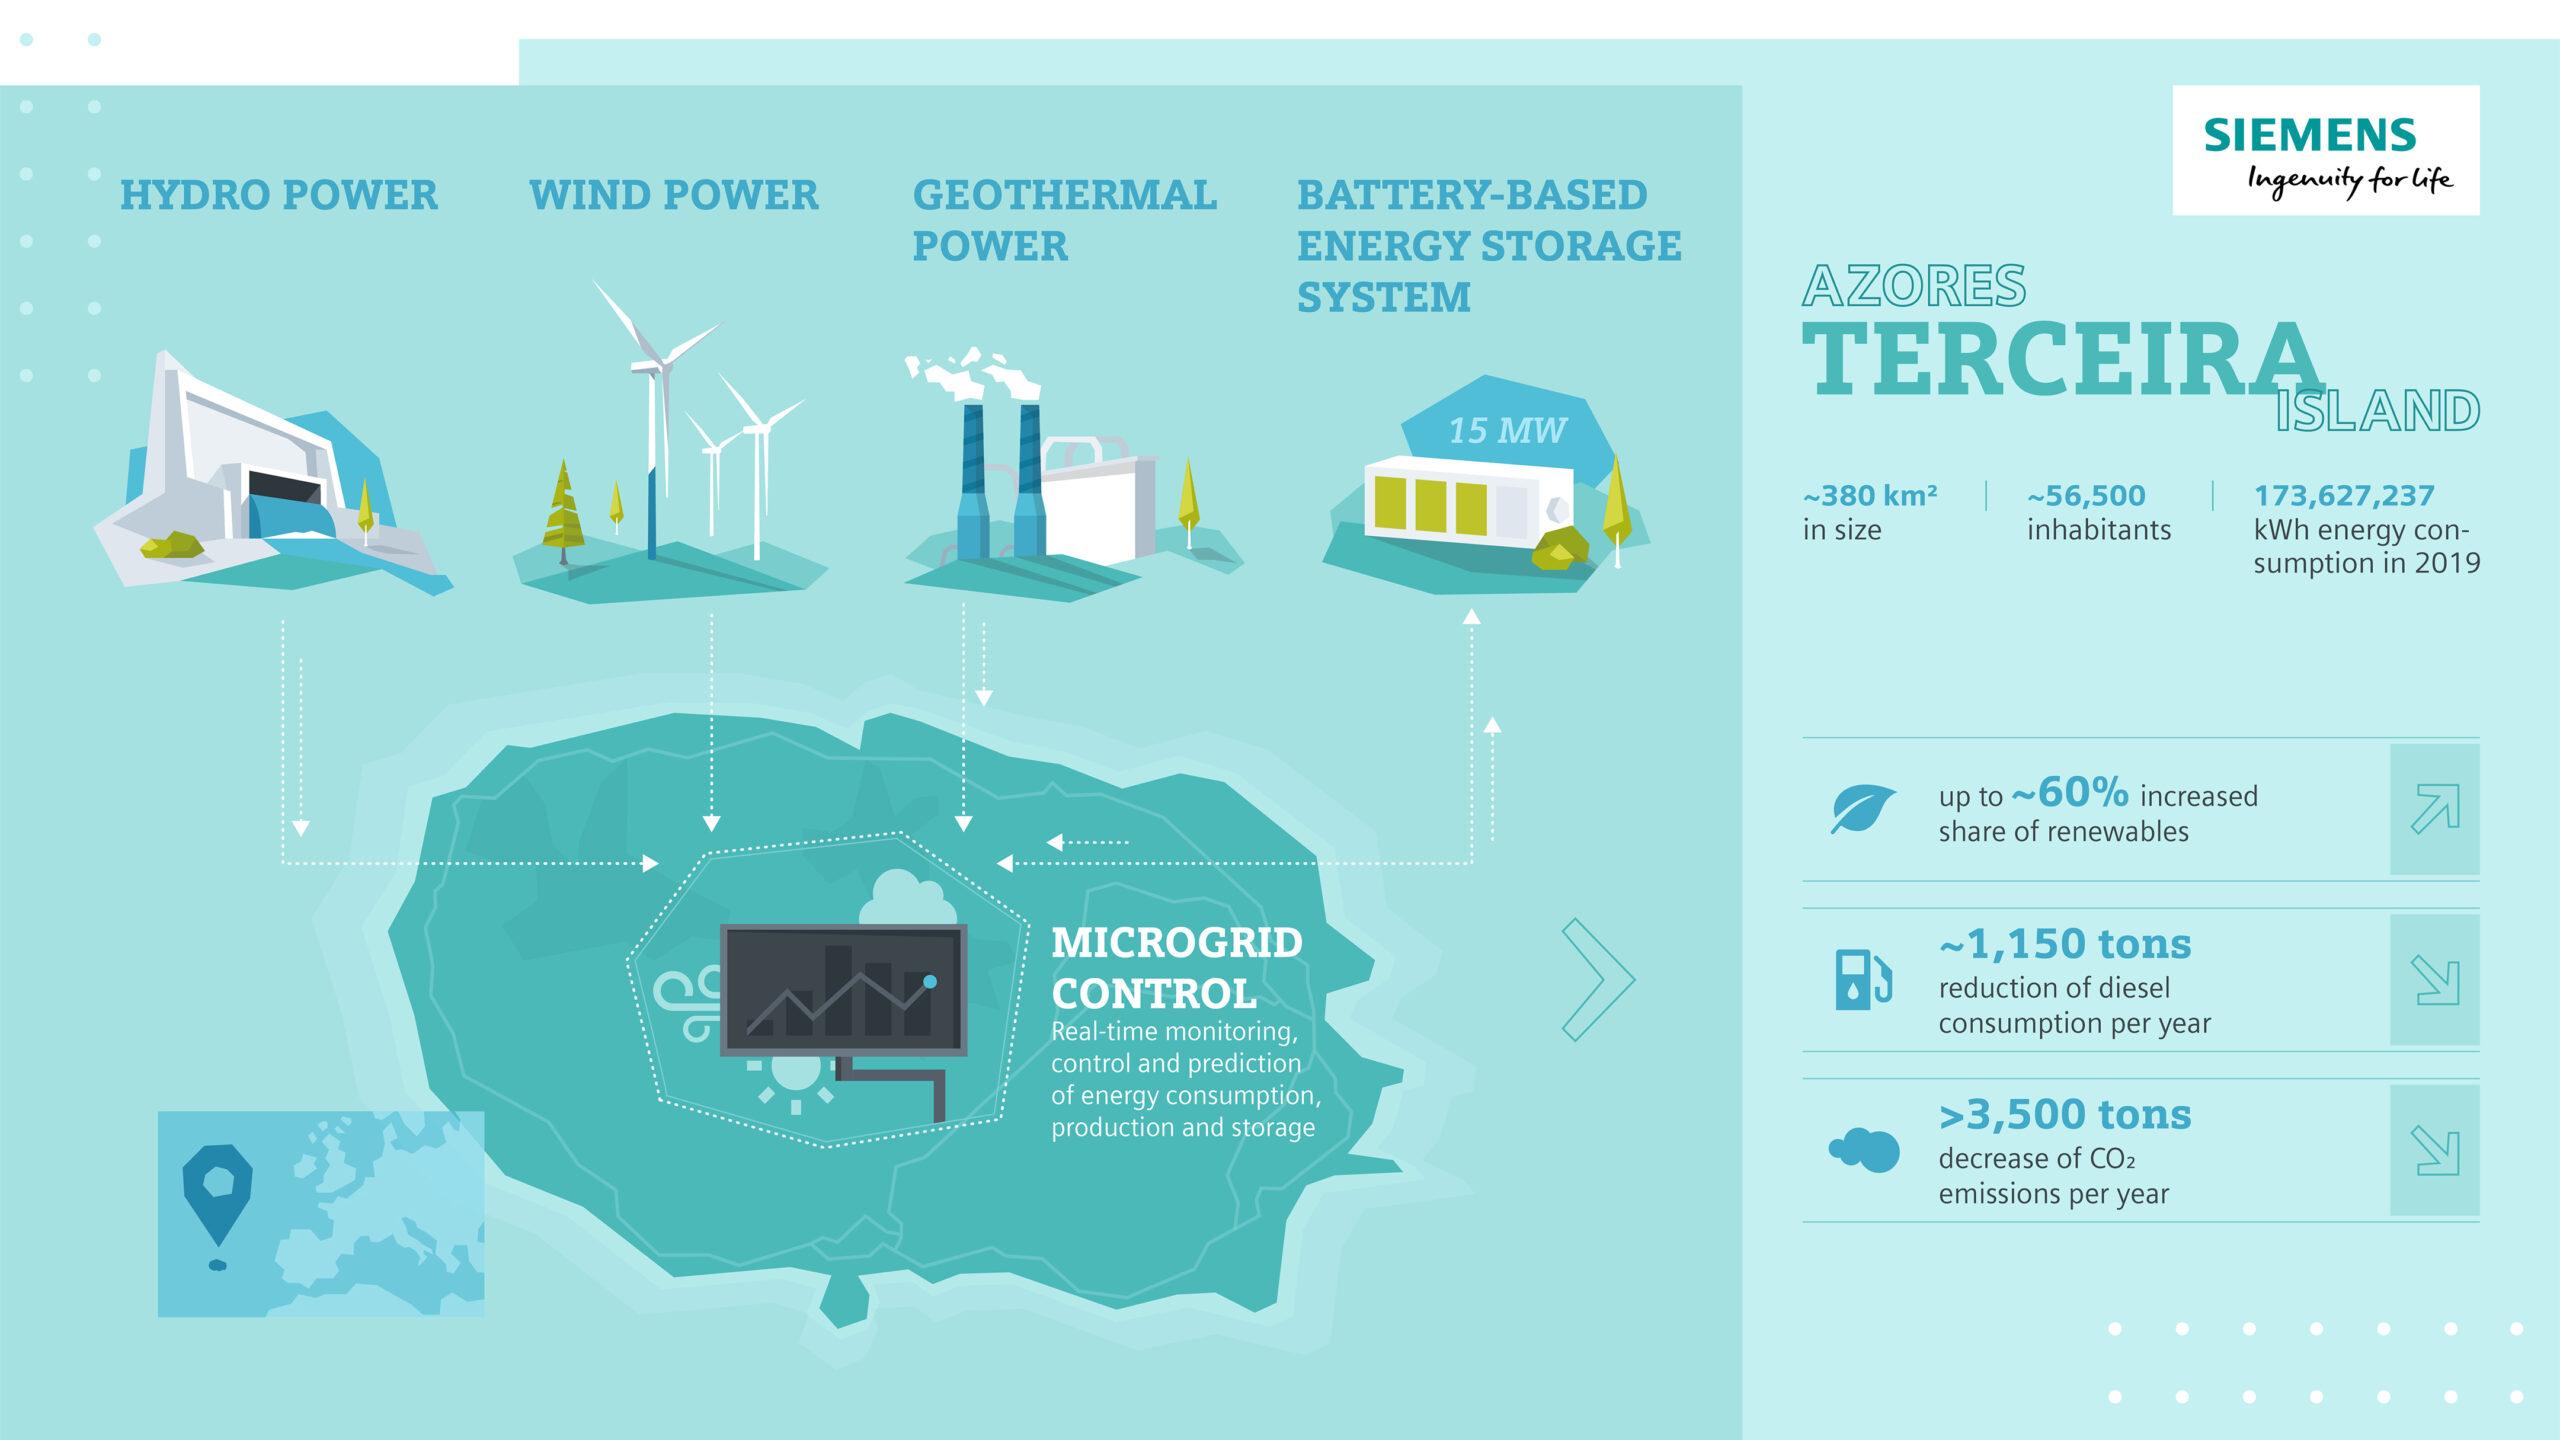 Η Siemens υποστηρίζει την ενεργειακή μετάβαση στις Αζόρες